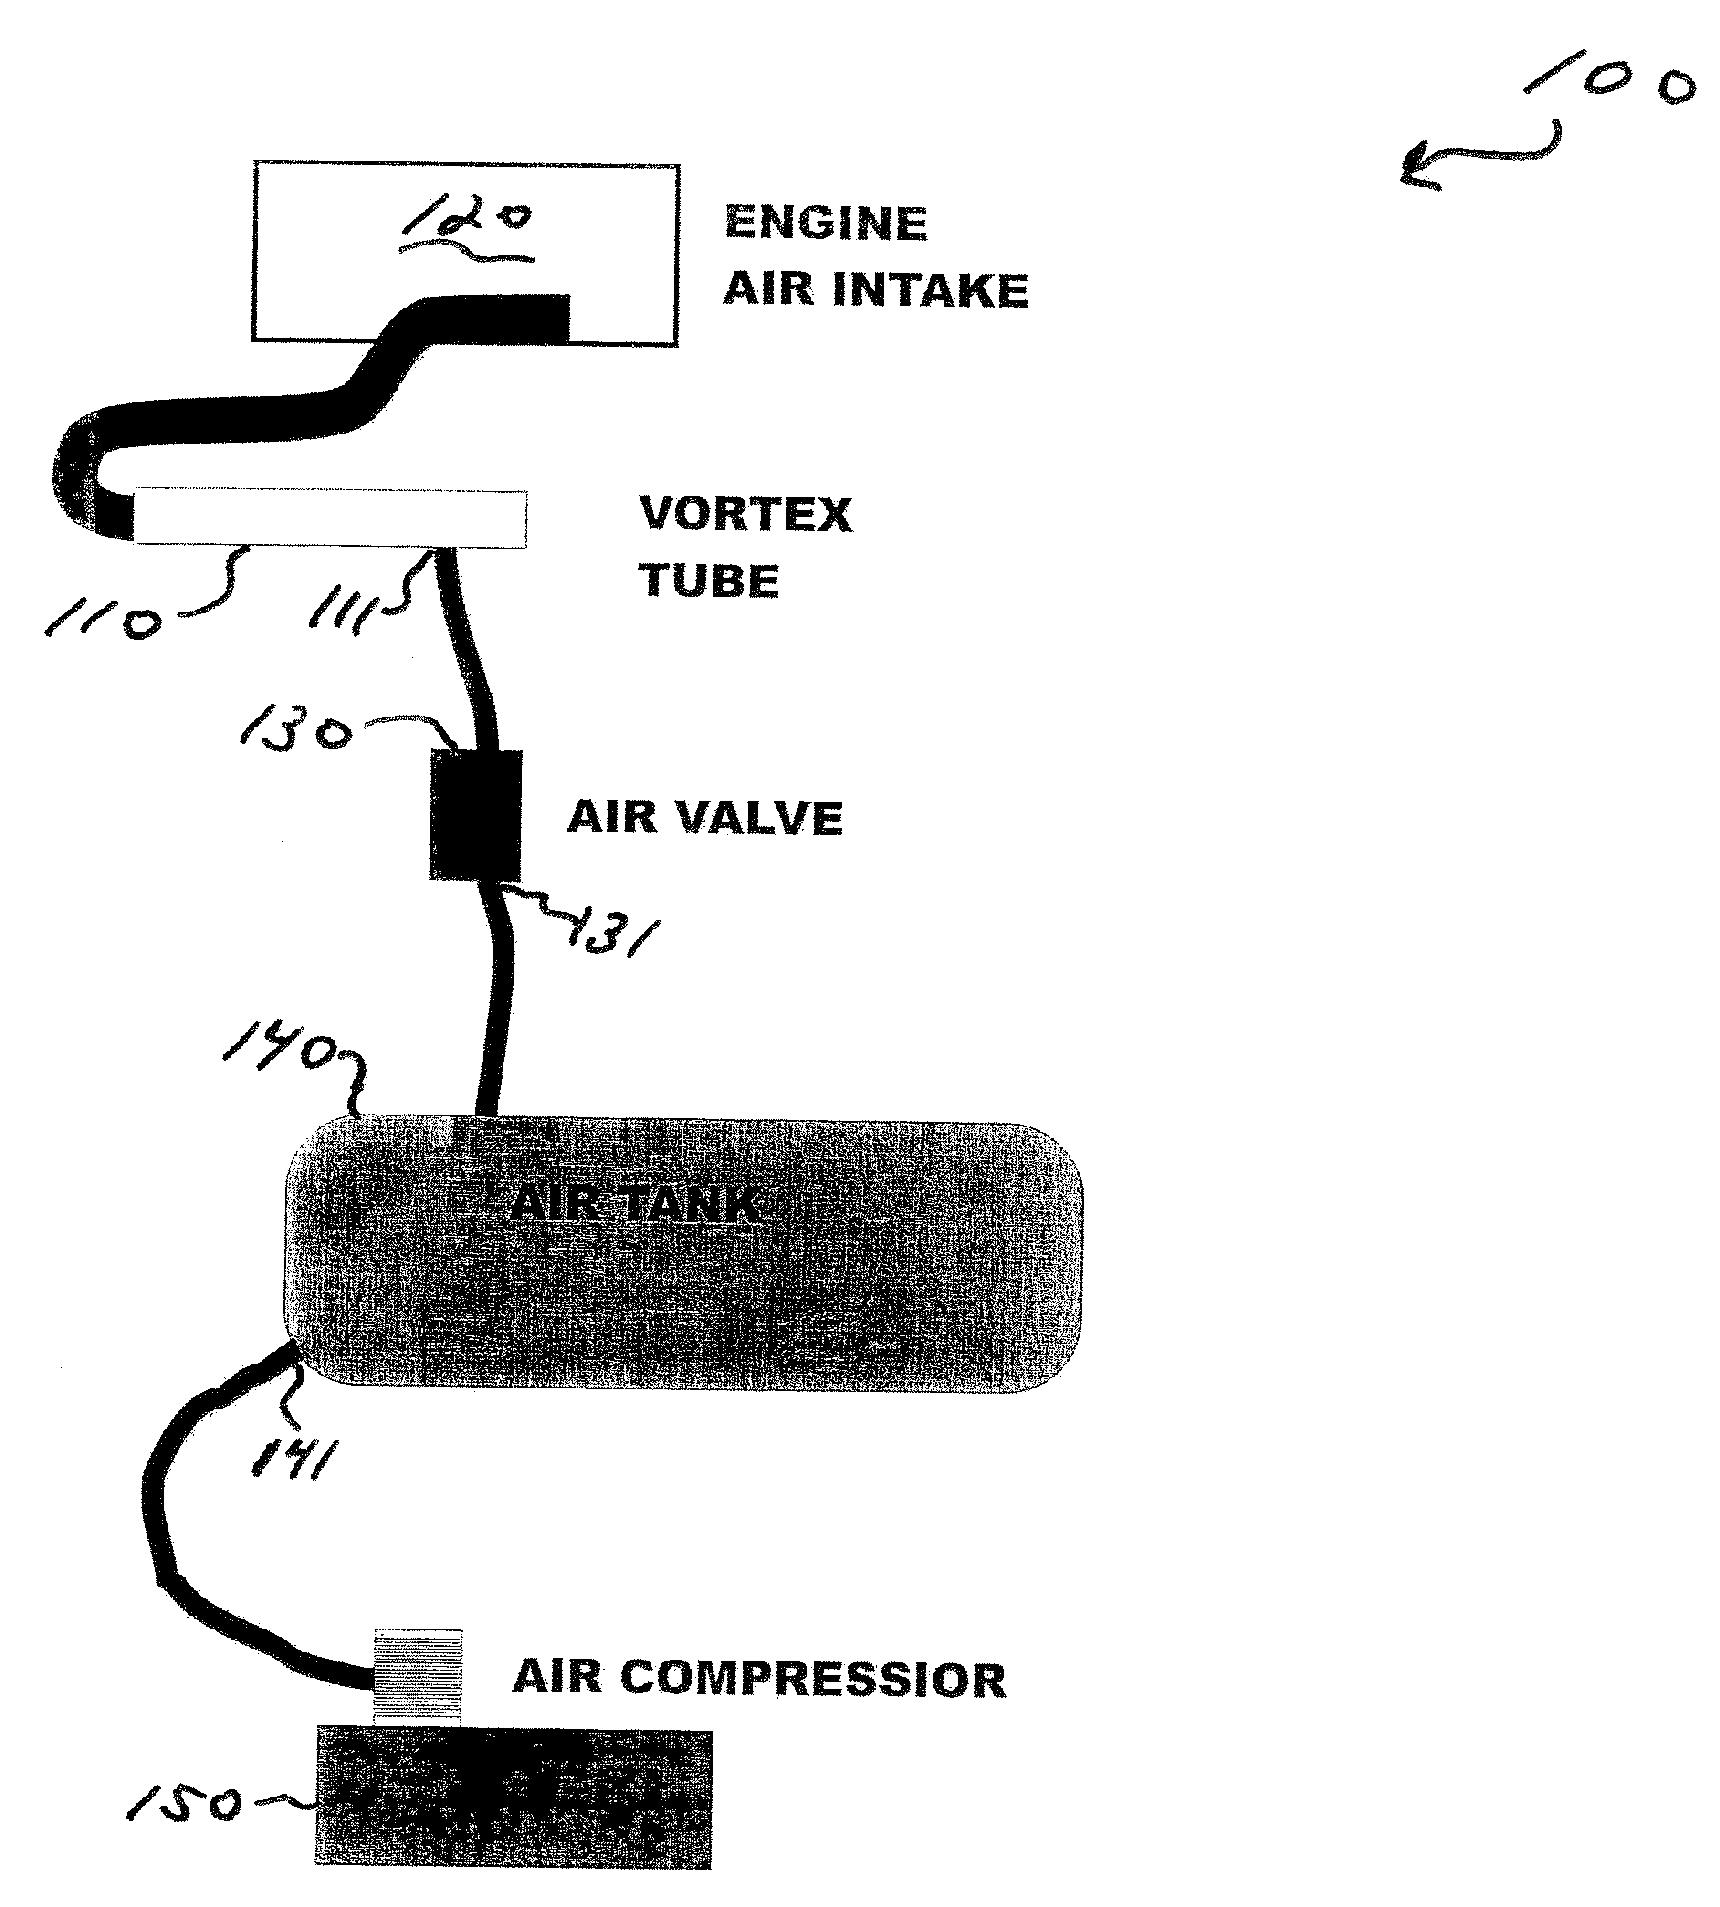 Cooling System Air Intake | Wiring Diagram Database